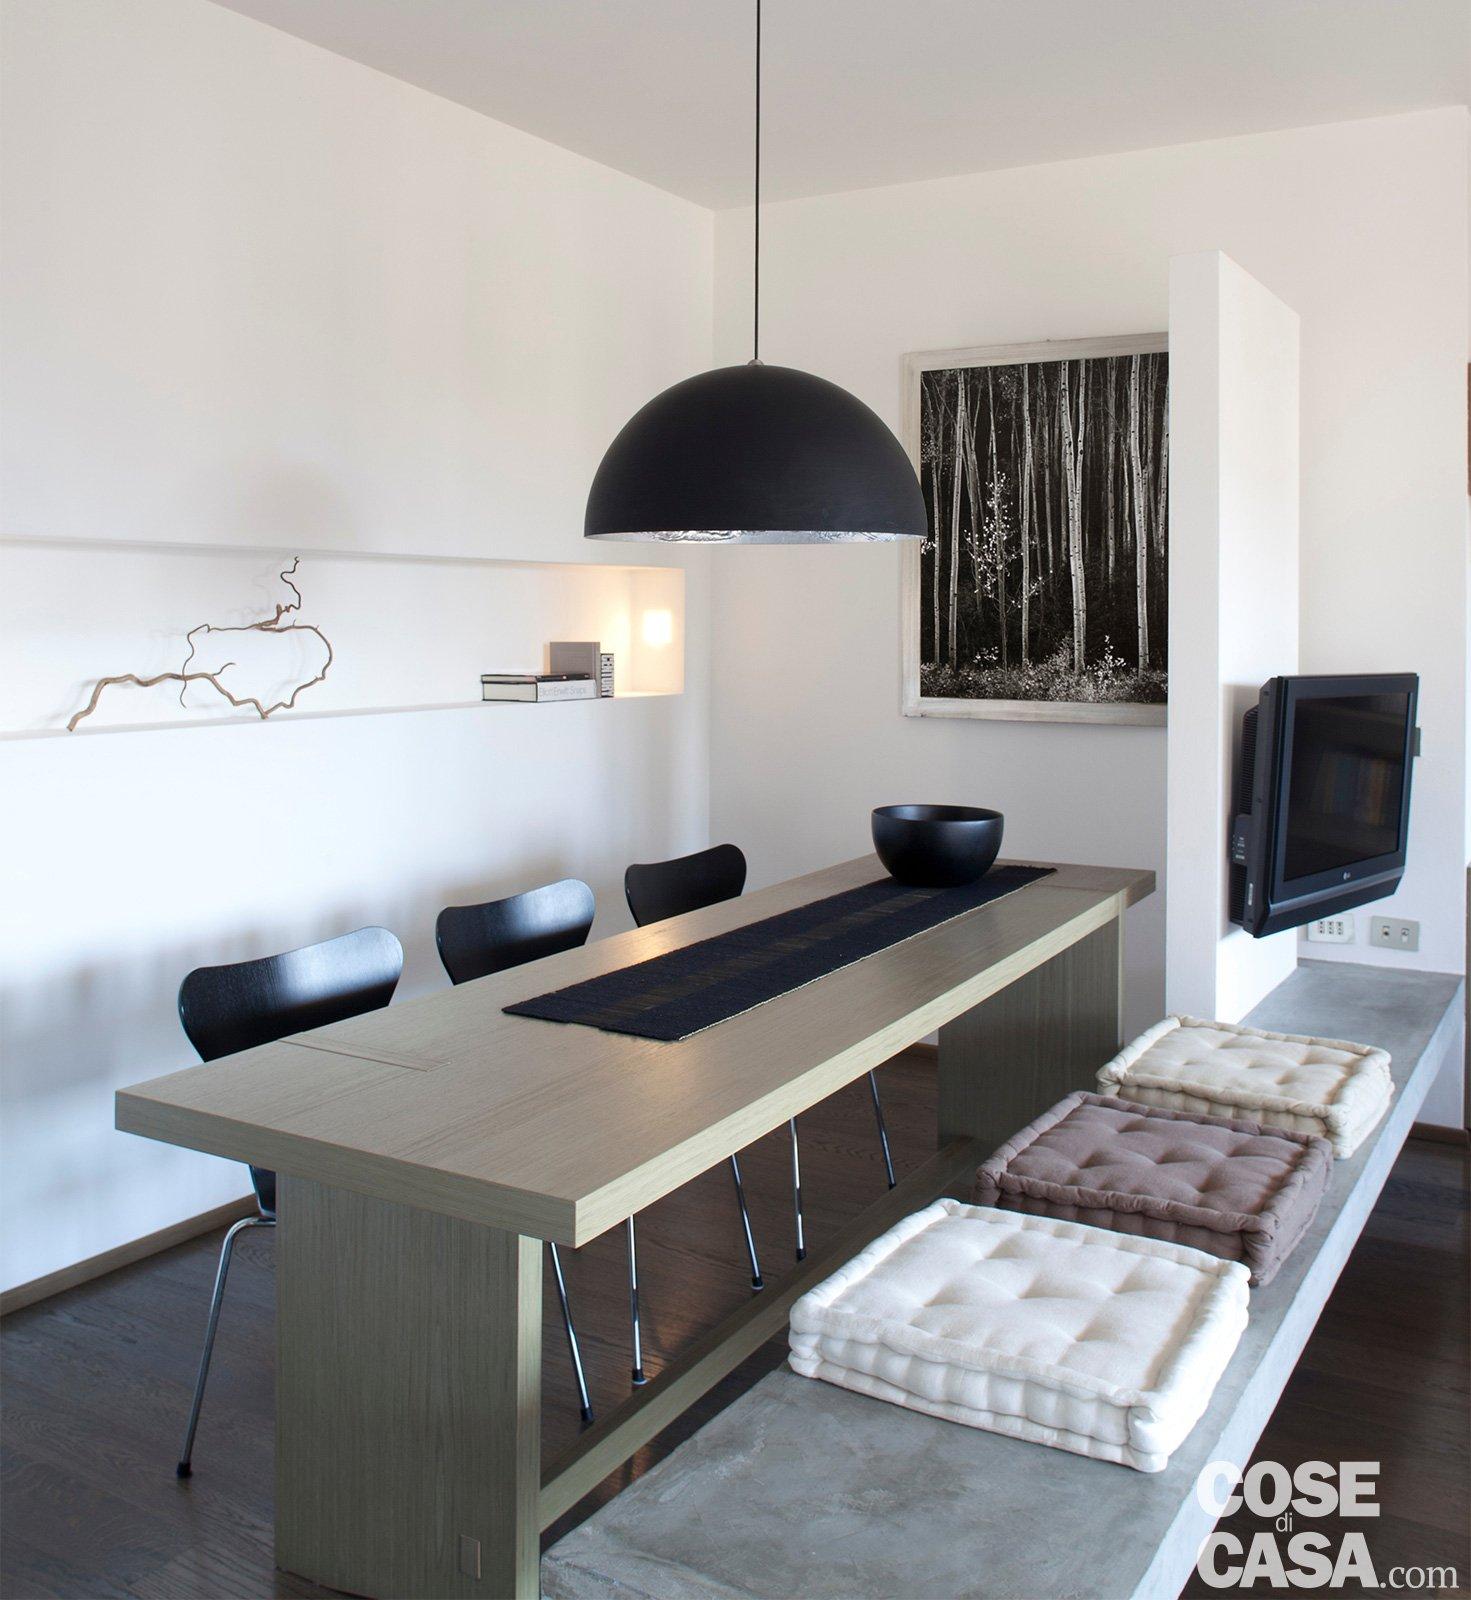 Una casa di 65 mq con volumi funzionali e originali quinte for Planimetrie dell interno della casa all aperto